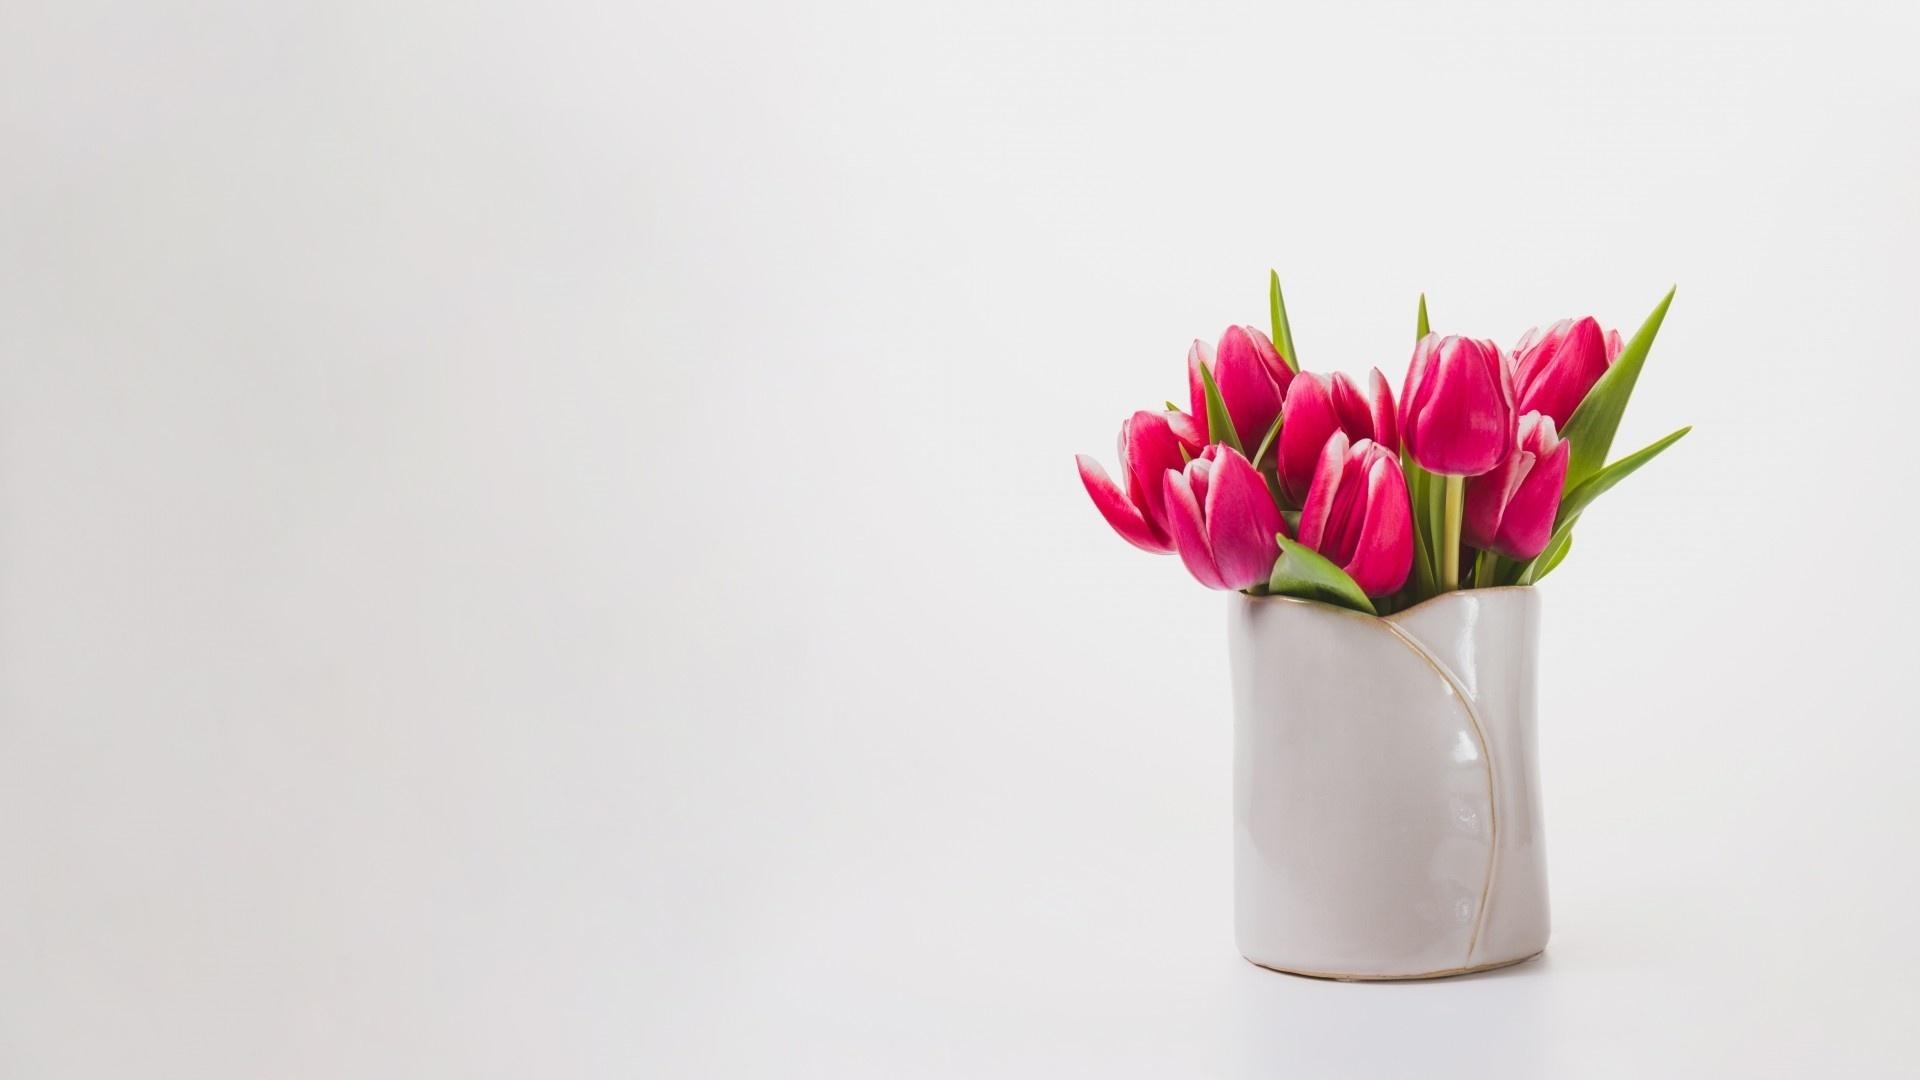 Tulip Minimalist Pic